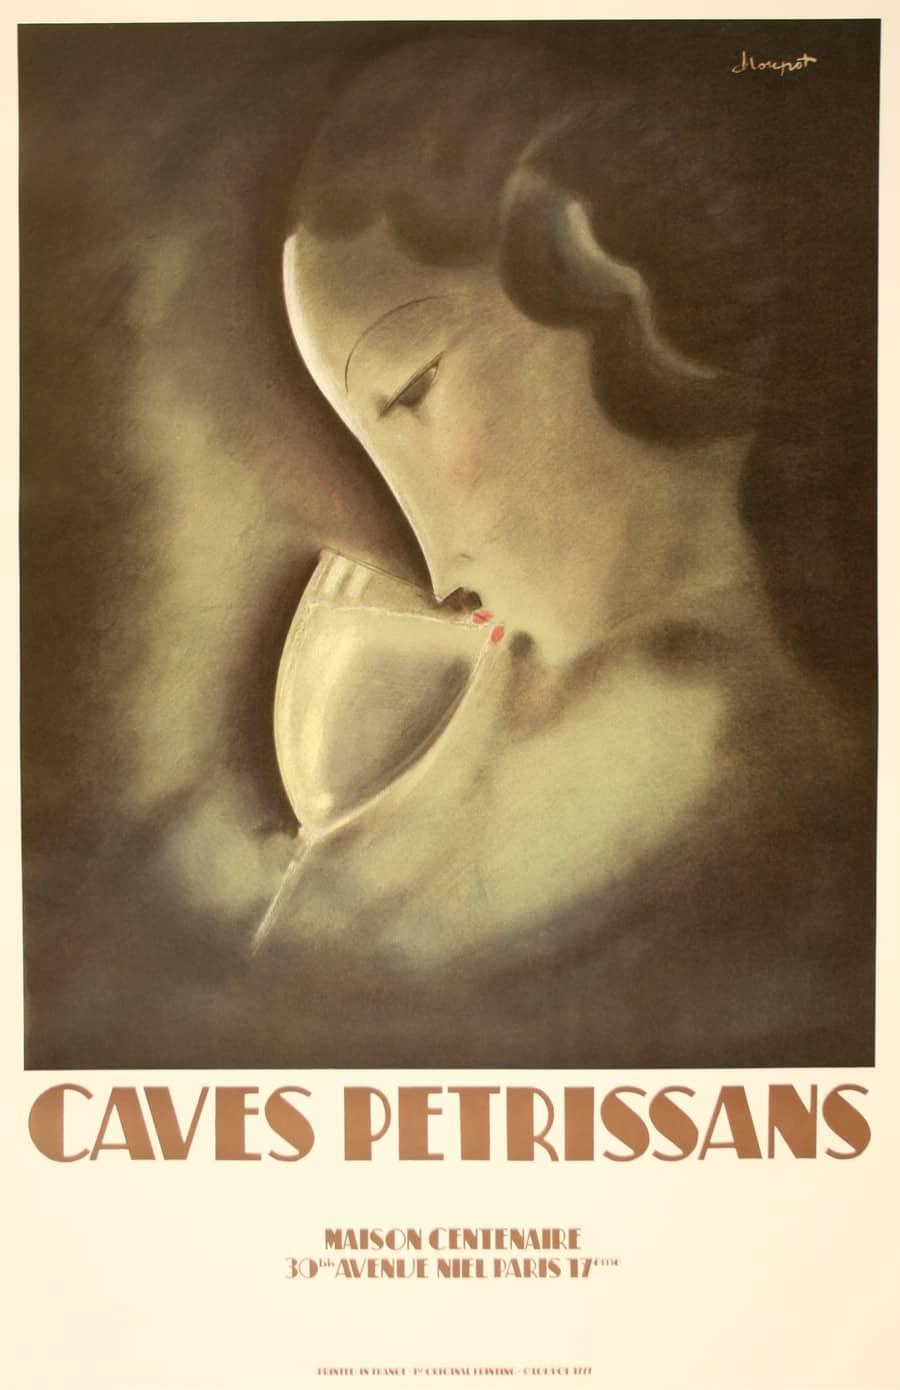 Caves Petrissans Maison Centenaire Original Vintage Poster